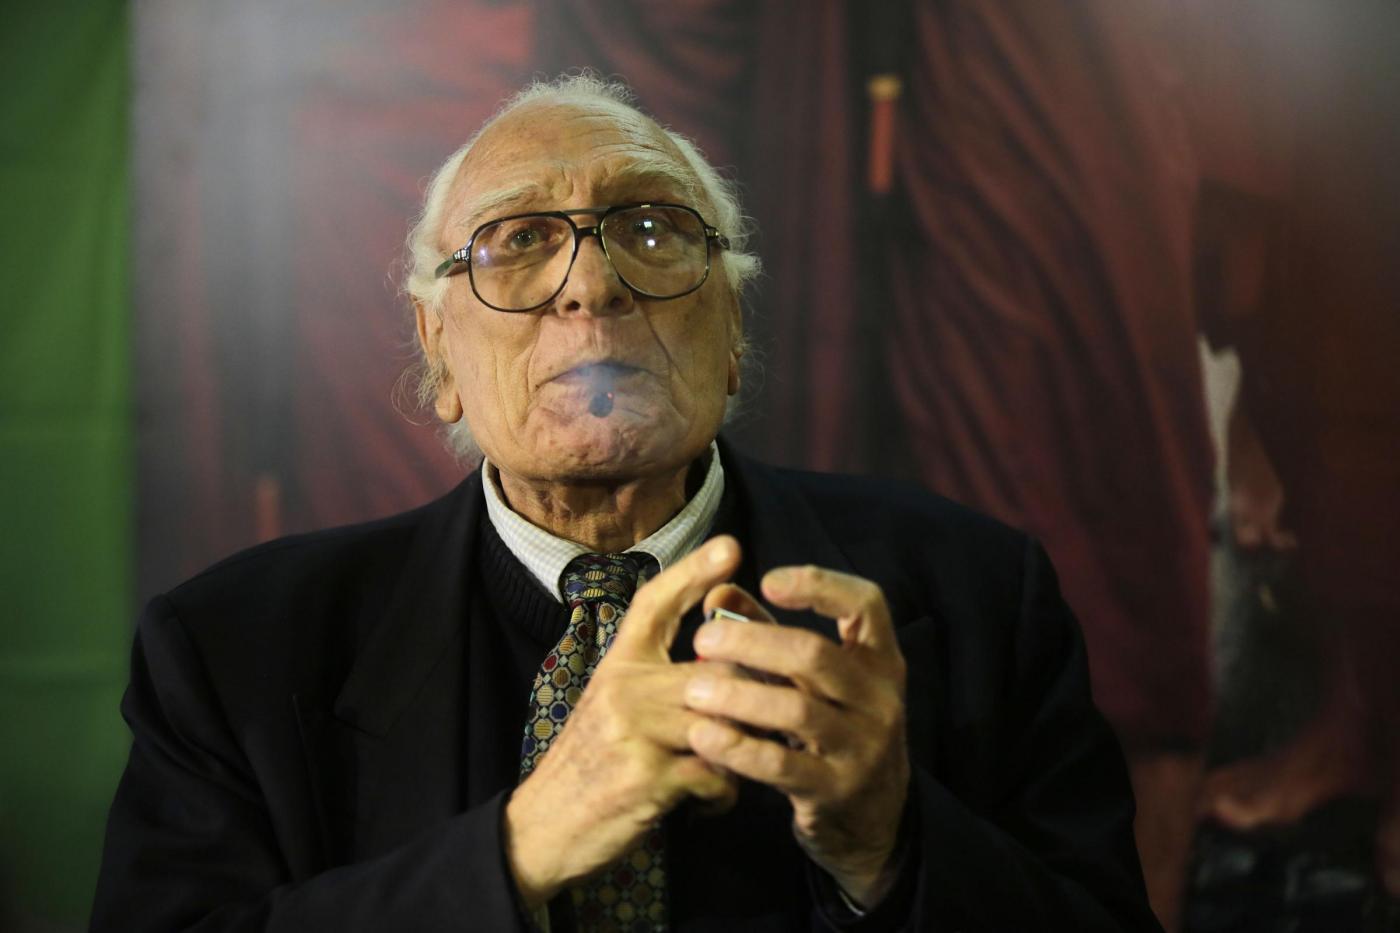 Morto Marco Pannella: i funerali in diretta da Piazza Navona